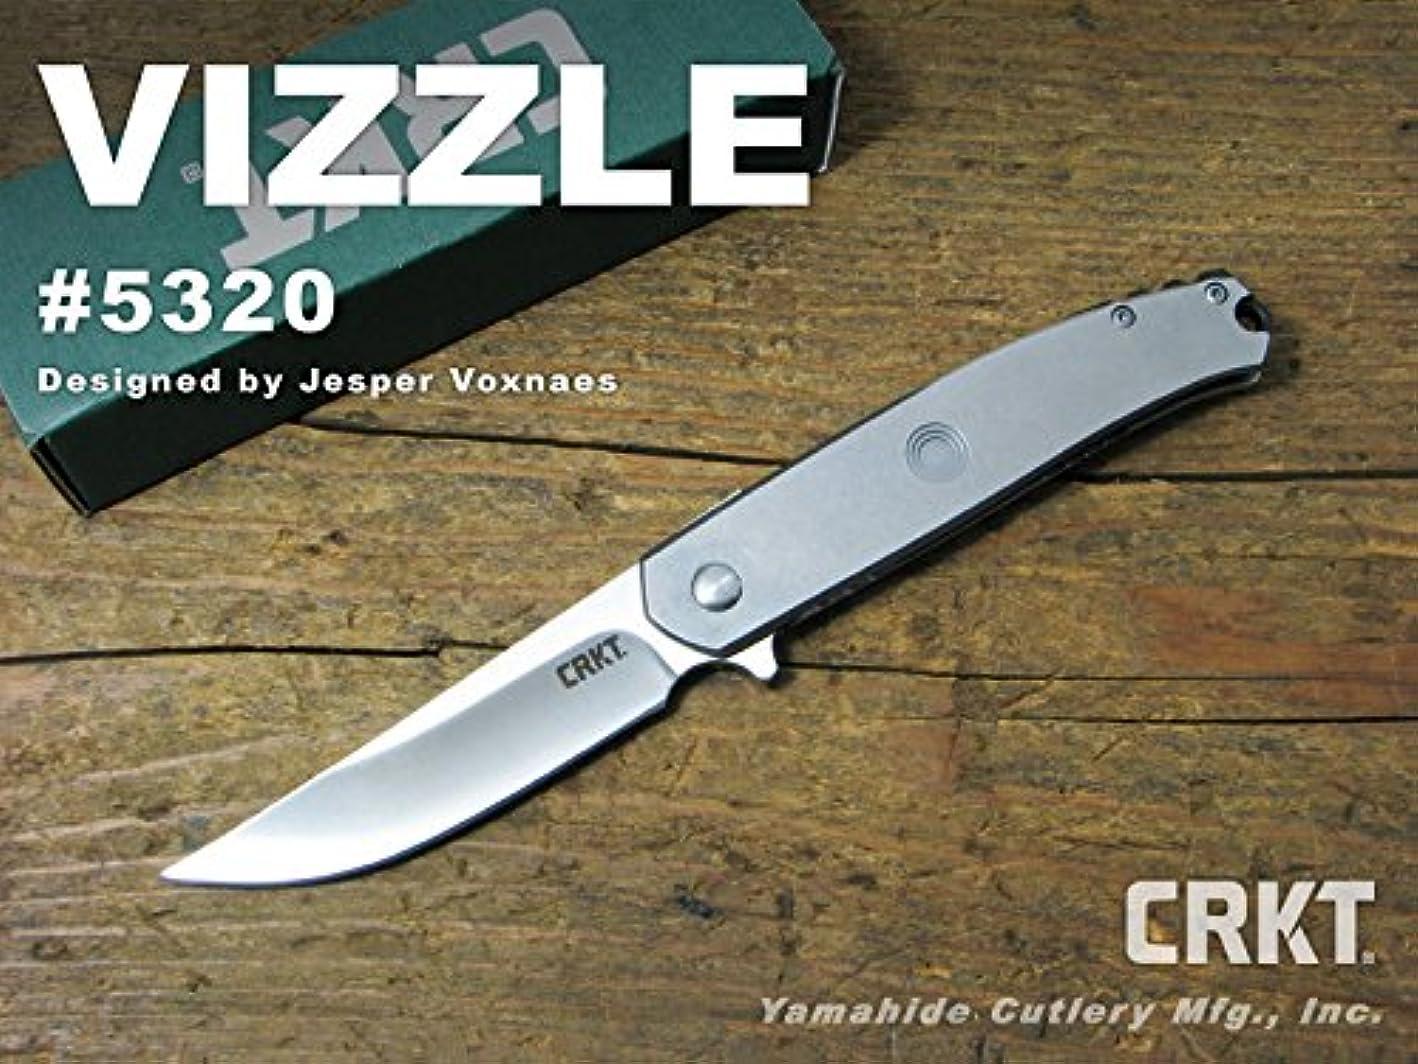 固めるつまずく市町村CRKT コロンビアリバー #5320 VIZZLE ビジル 折り畳みナイフ【日本正規品】